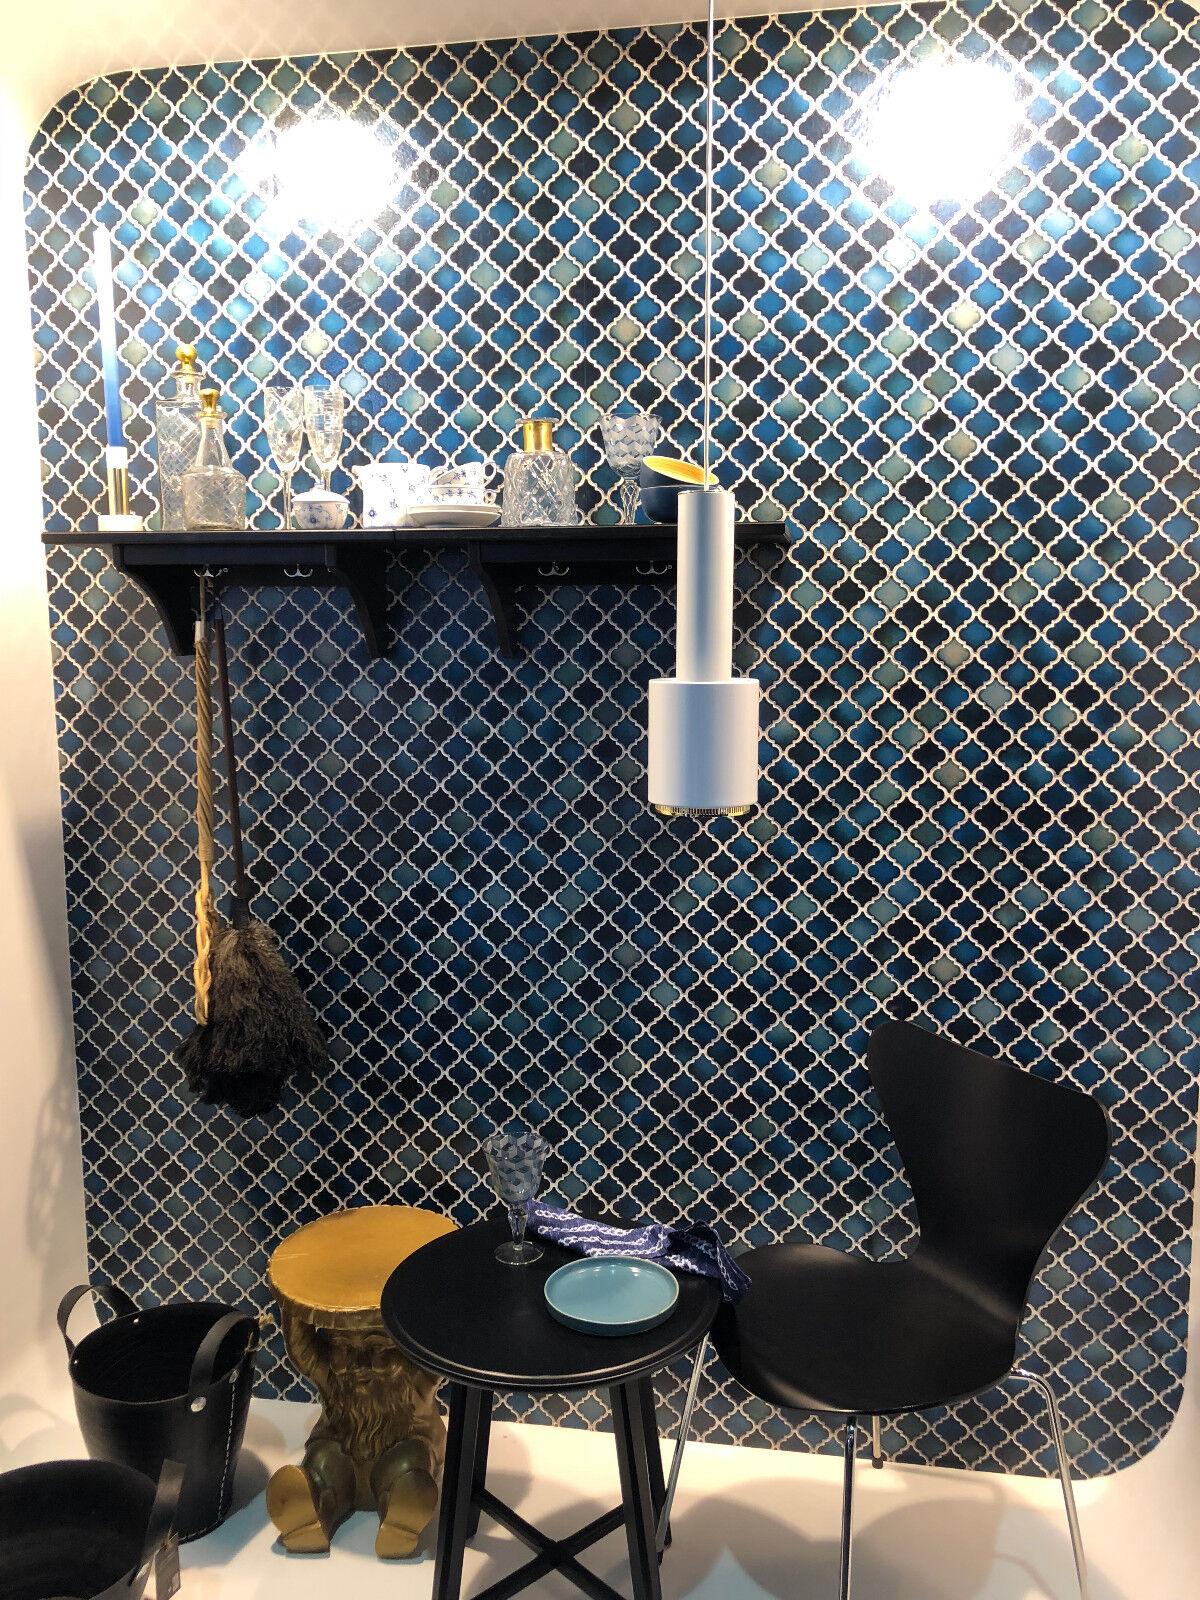 ... Vlies Tapete Stein Keramik Mosaik Fliesen Florentiner Optik Schwarz  Grau Weiß 5